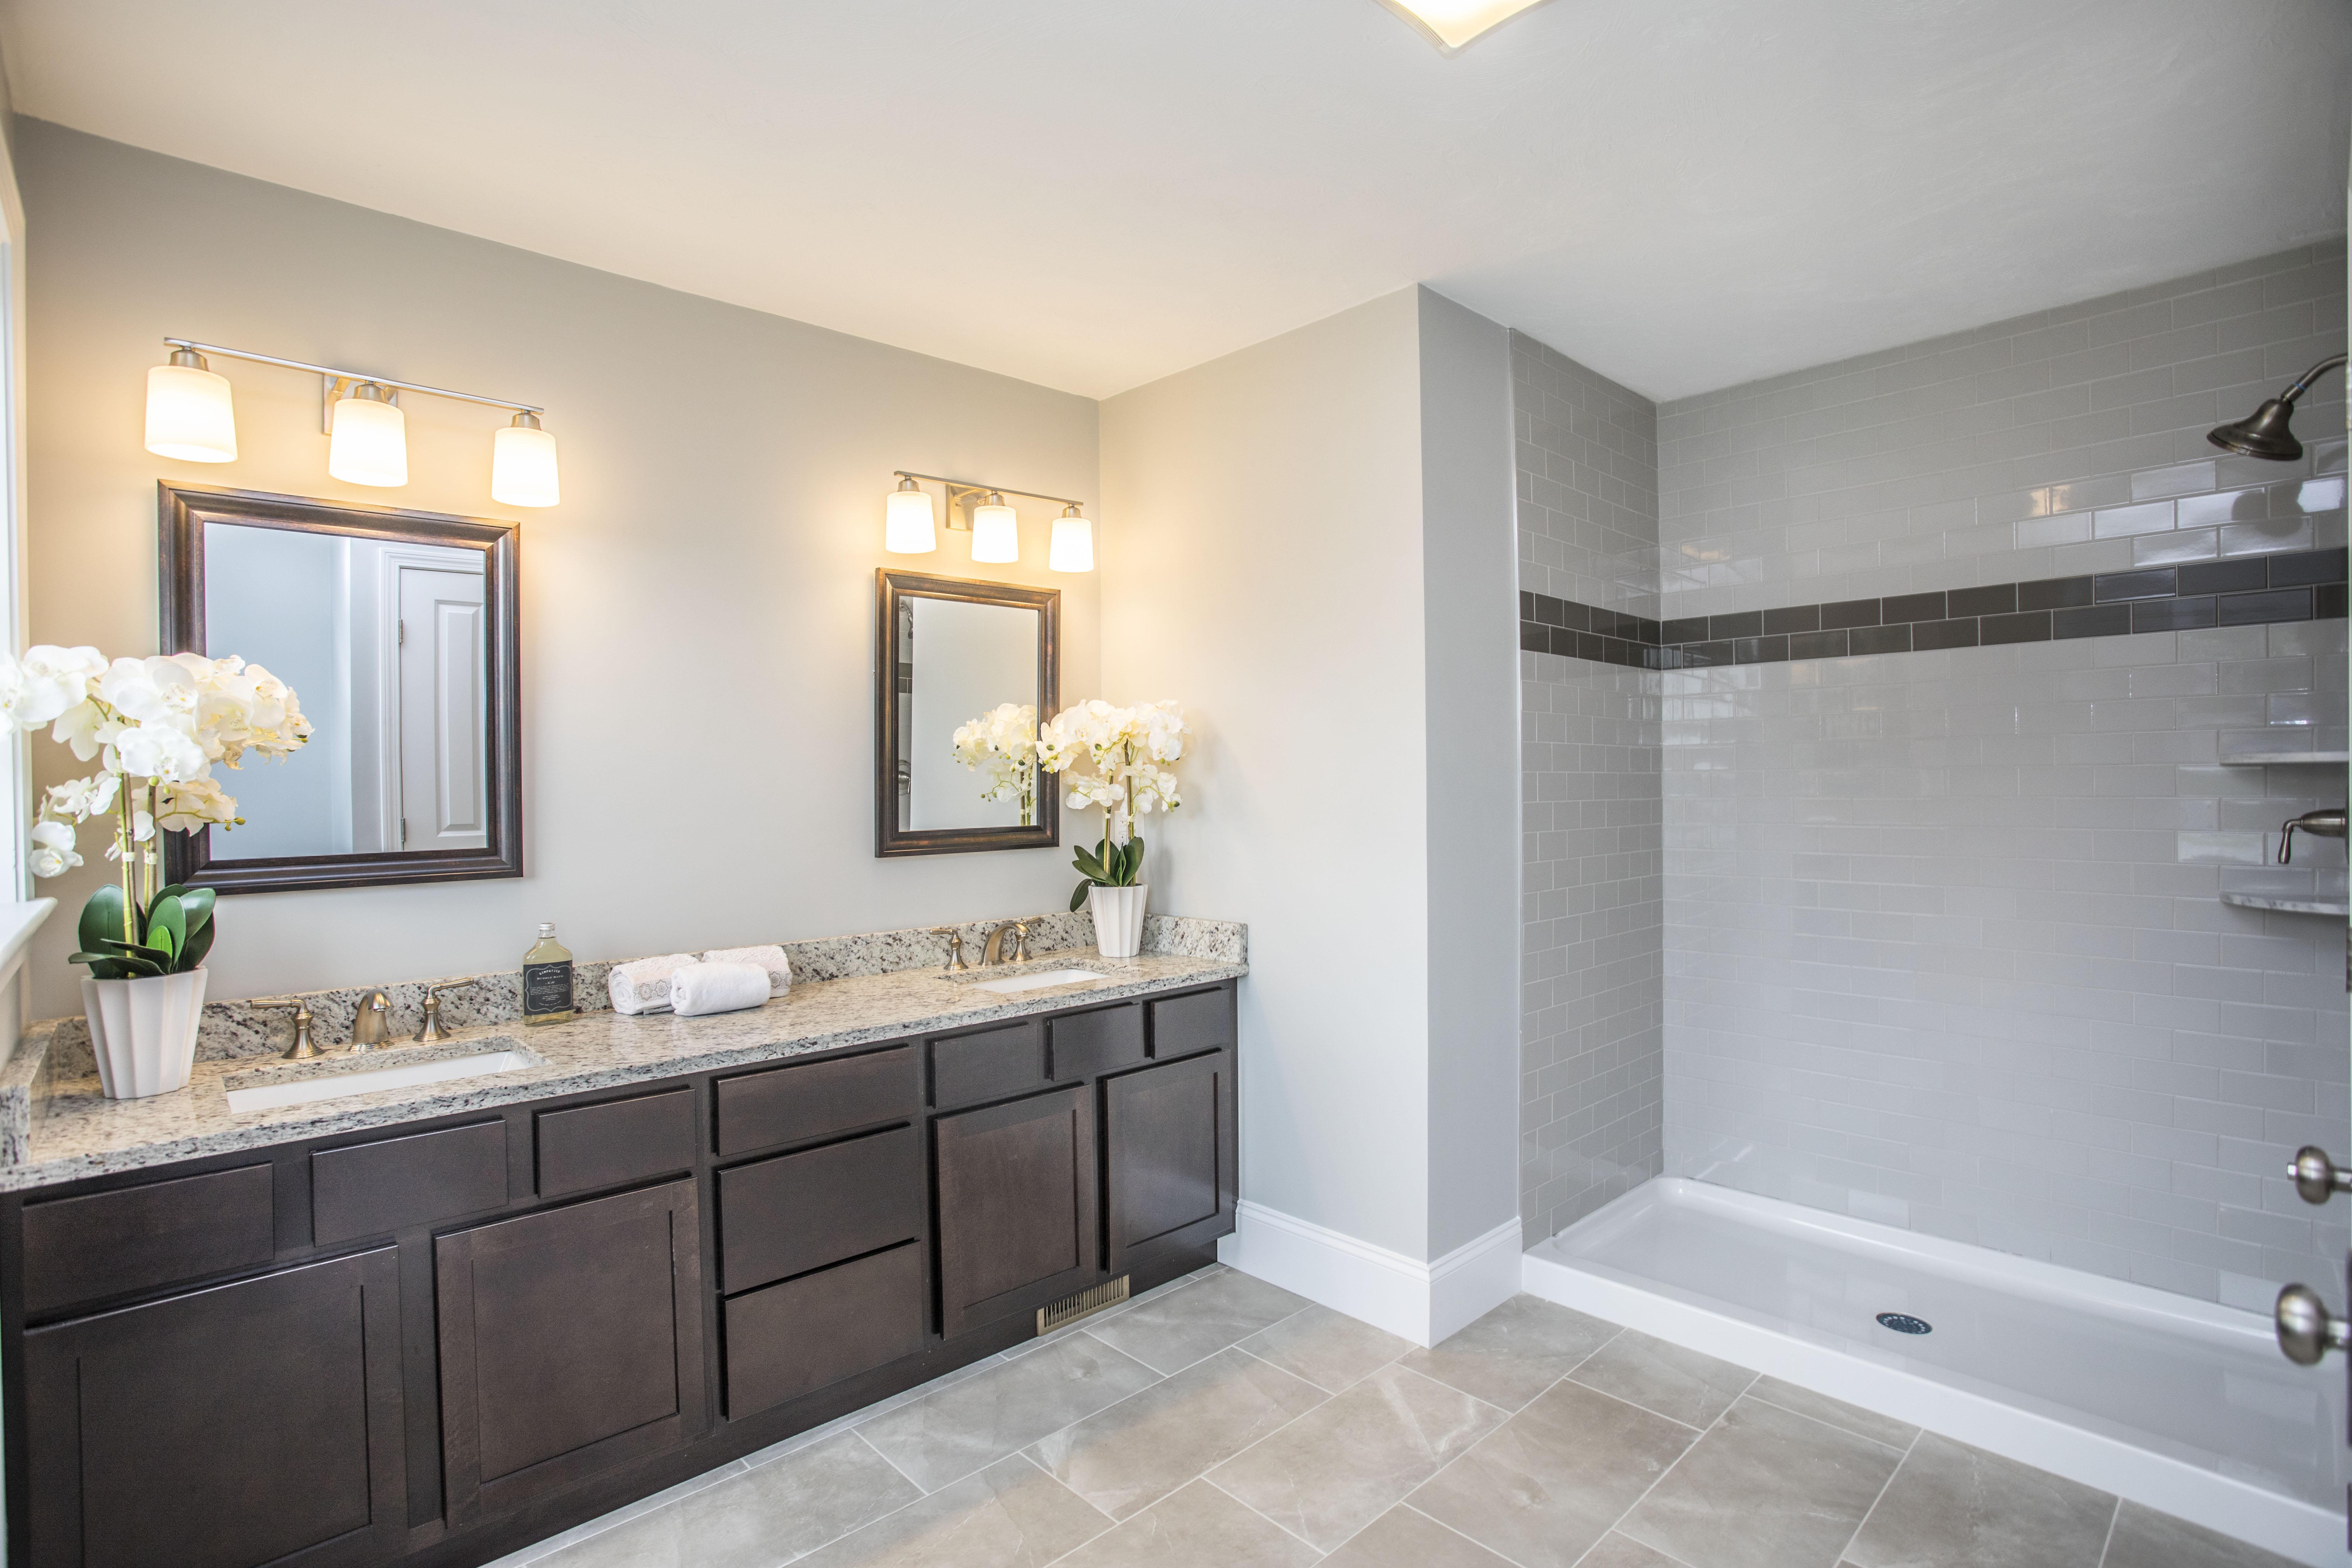 Bathroom featured in The Dalton Grand By Stonebridge Homes Inc. in Boston, MA